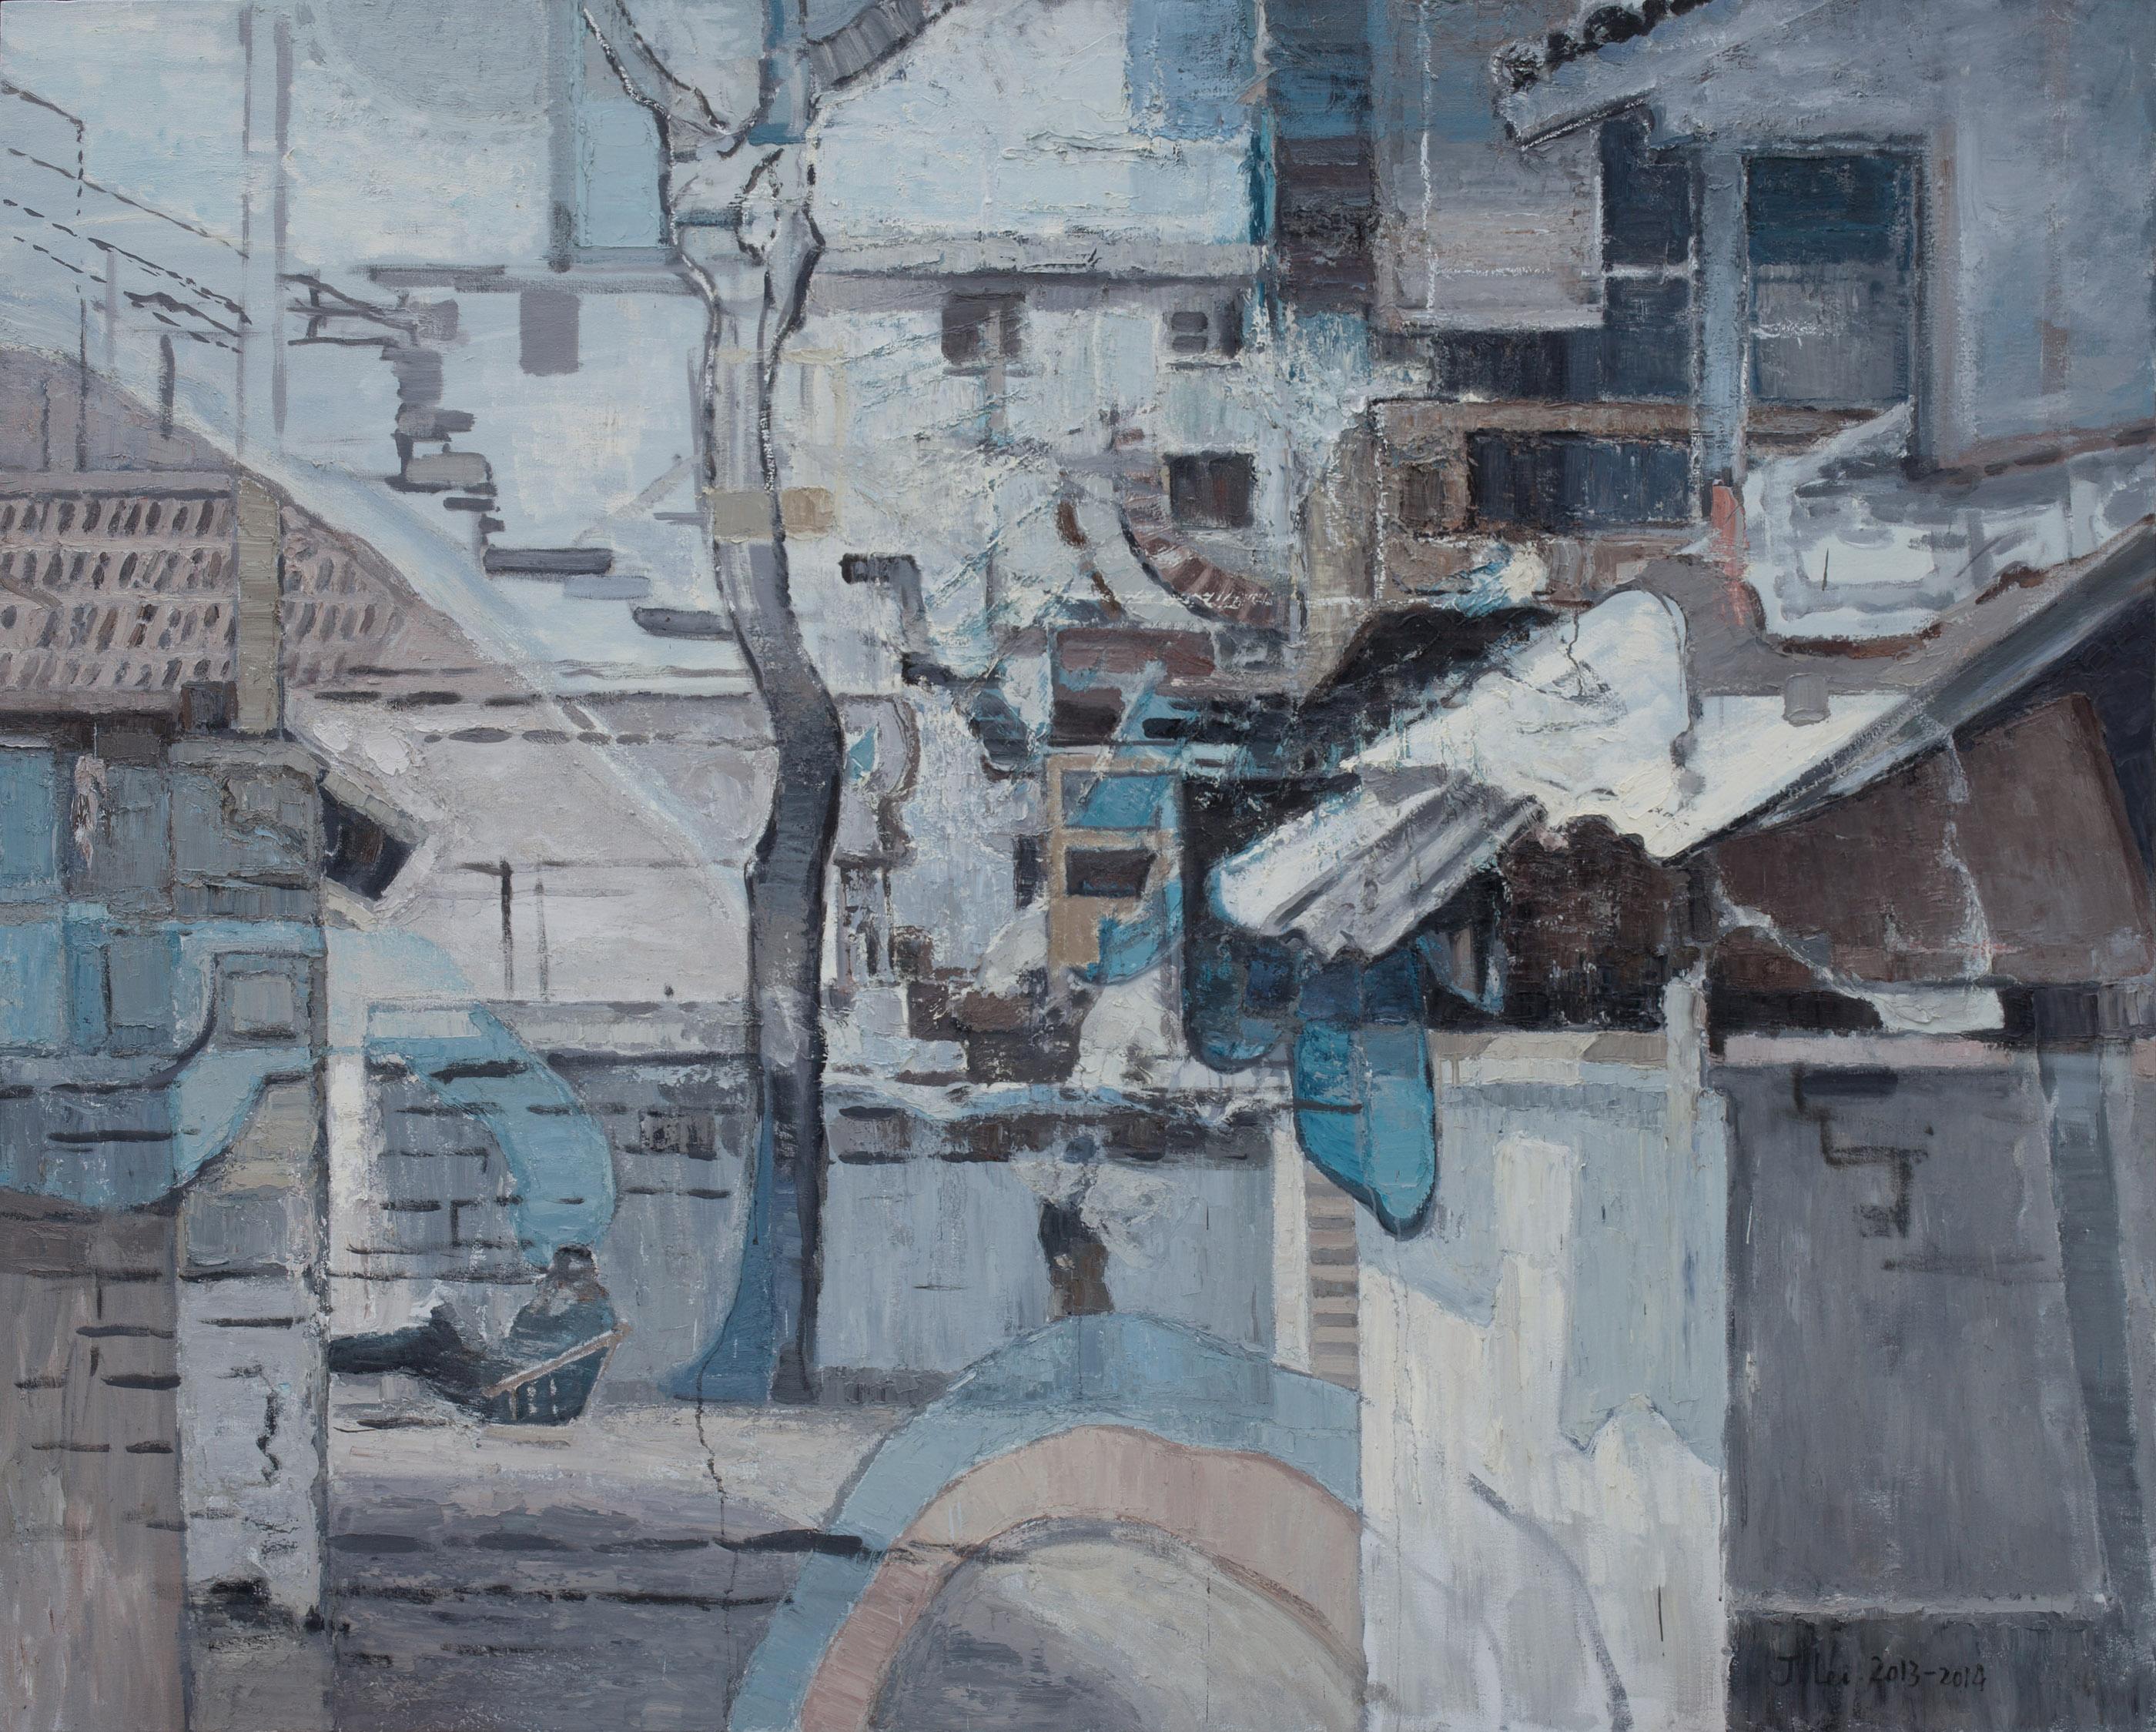 祥和里2号  Xiangheli No. 2